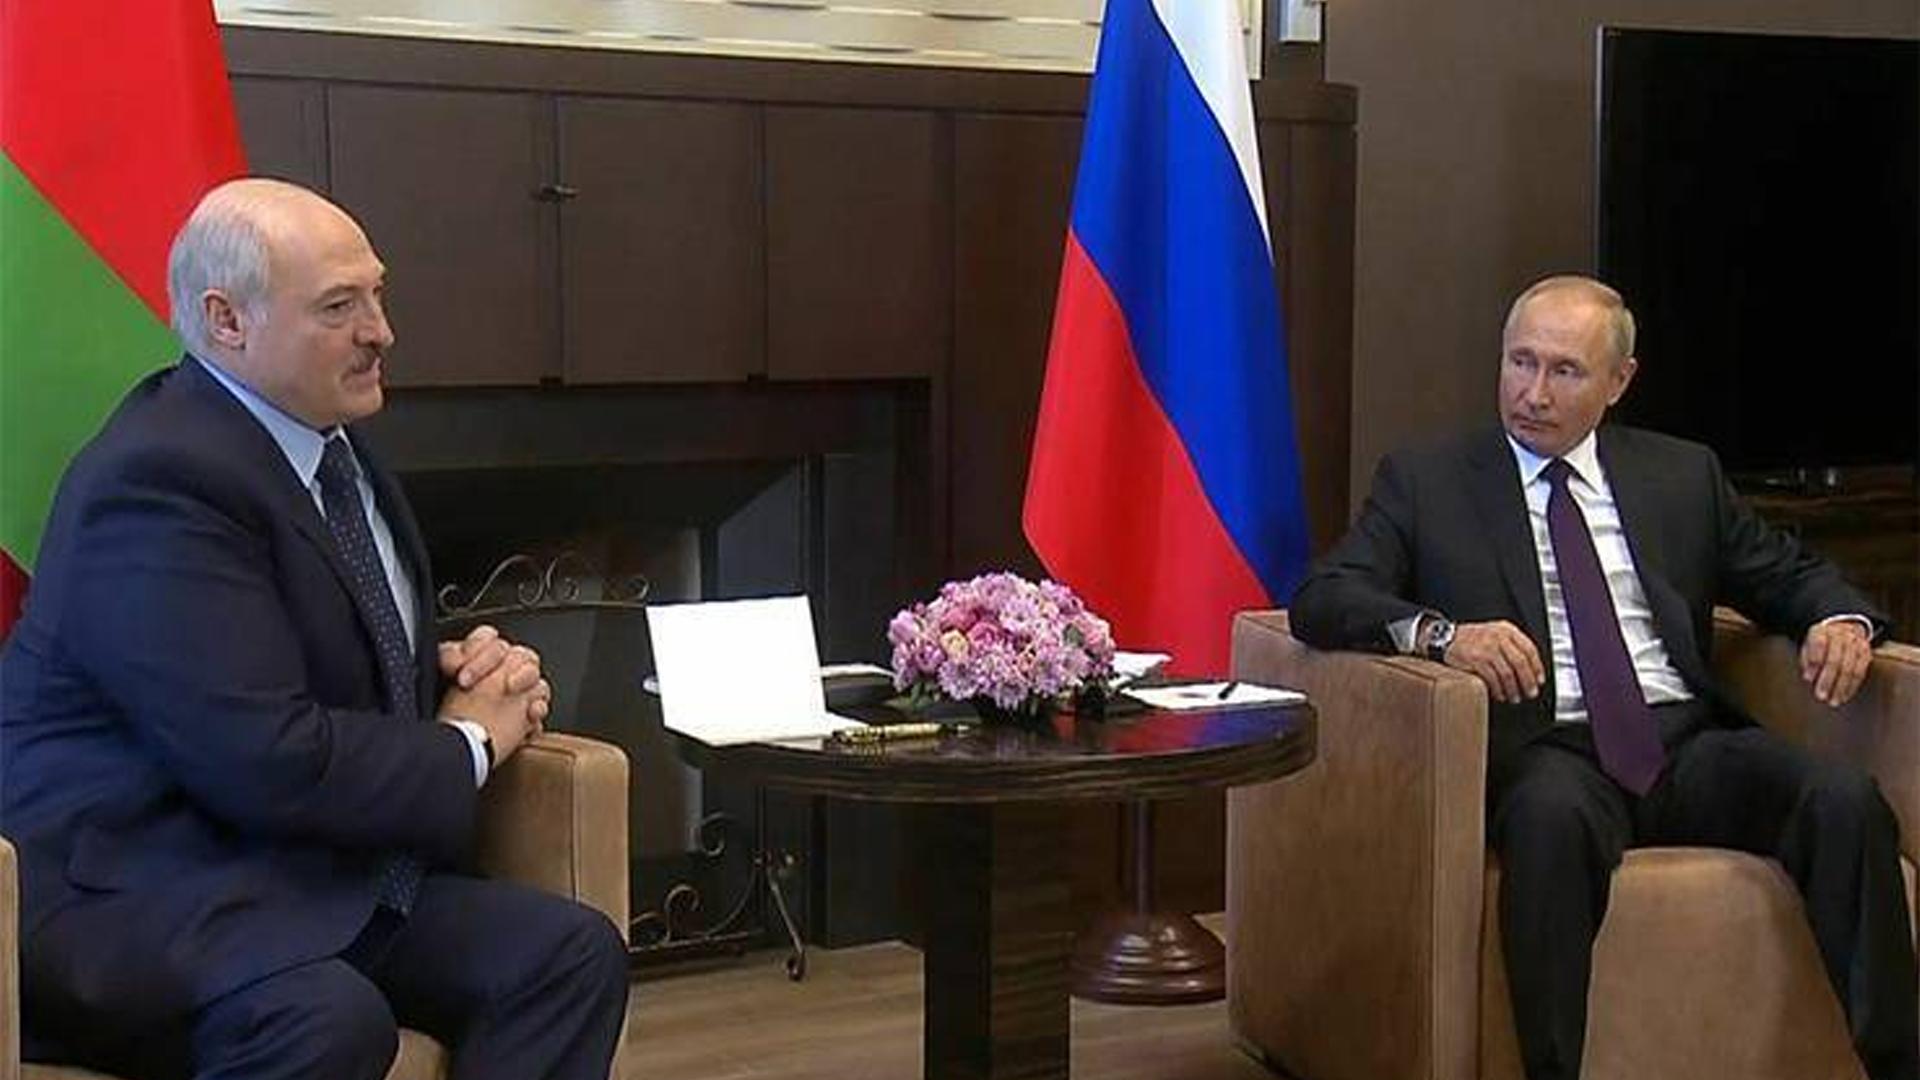 Эксперт расскзал, что еще осталось обсудить Путину и Лукашенко в октябре